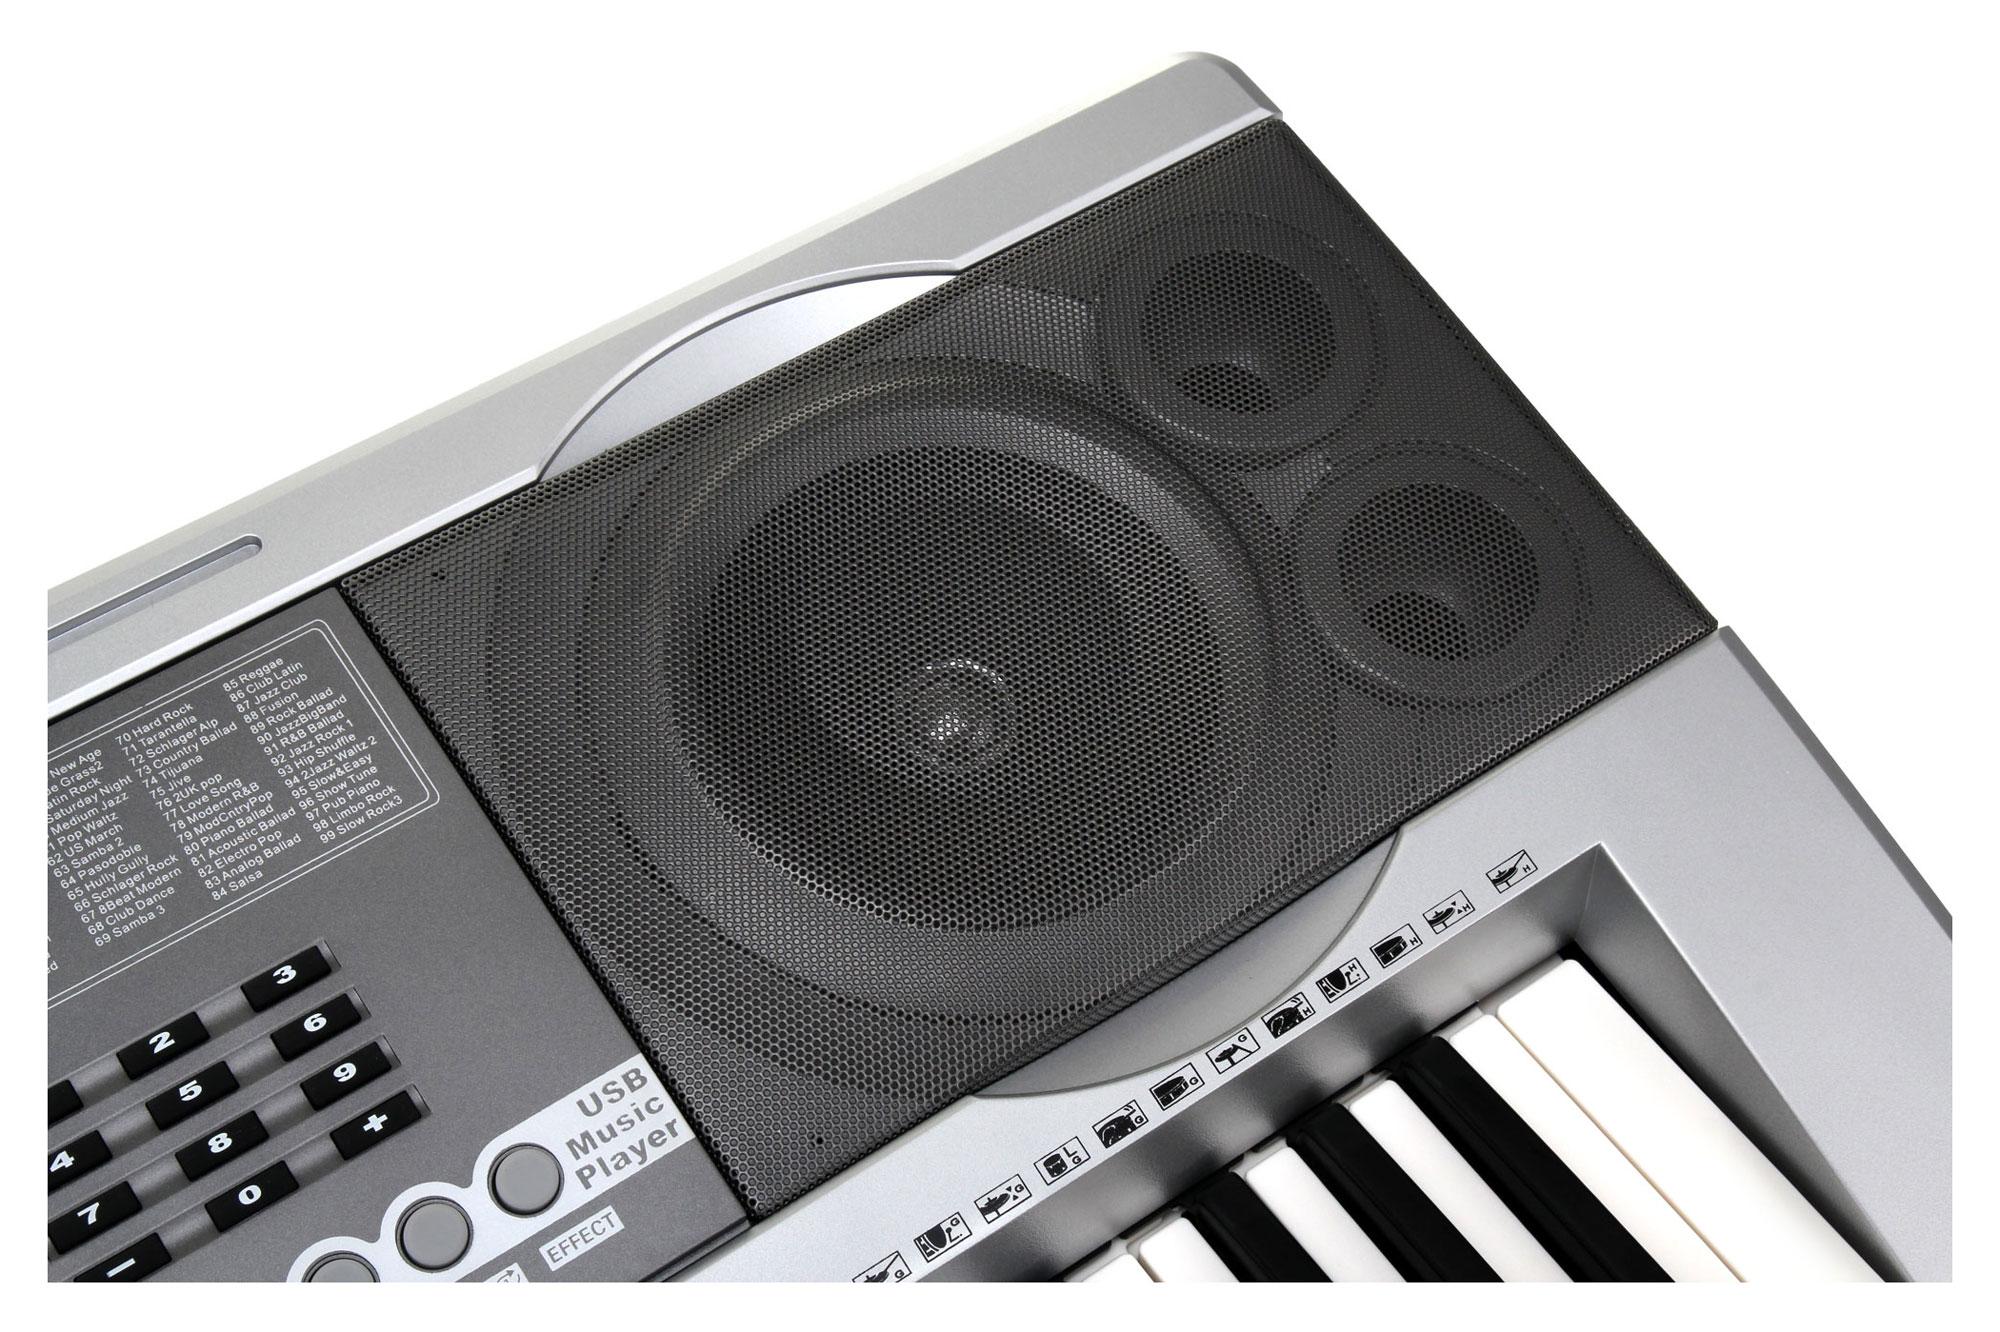 Set tastiera mcgrey pk 6110 con porta usb inclusi supporto e sgabello